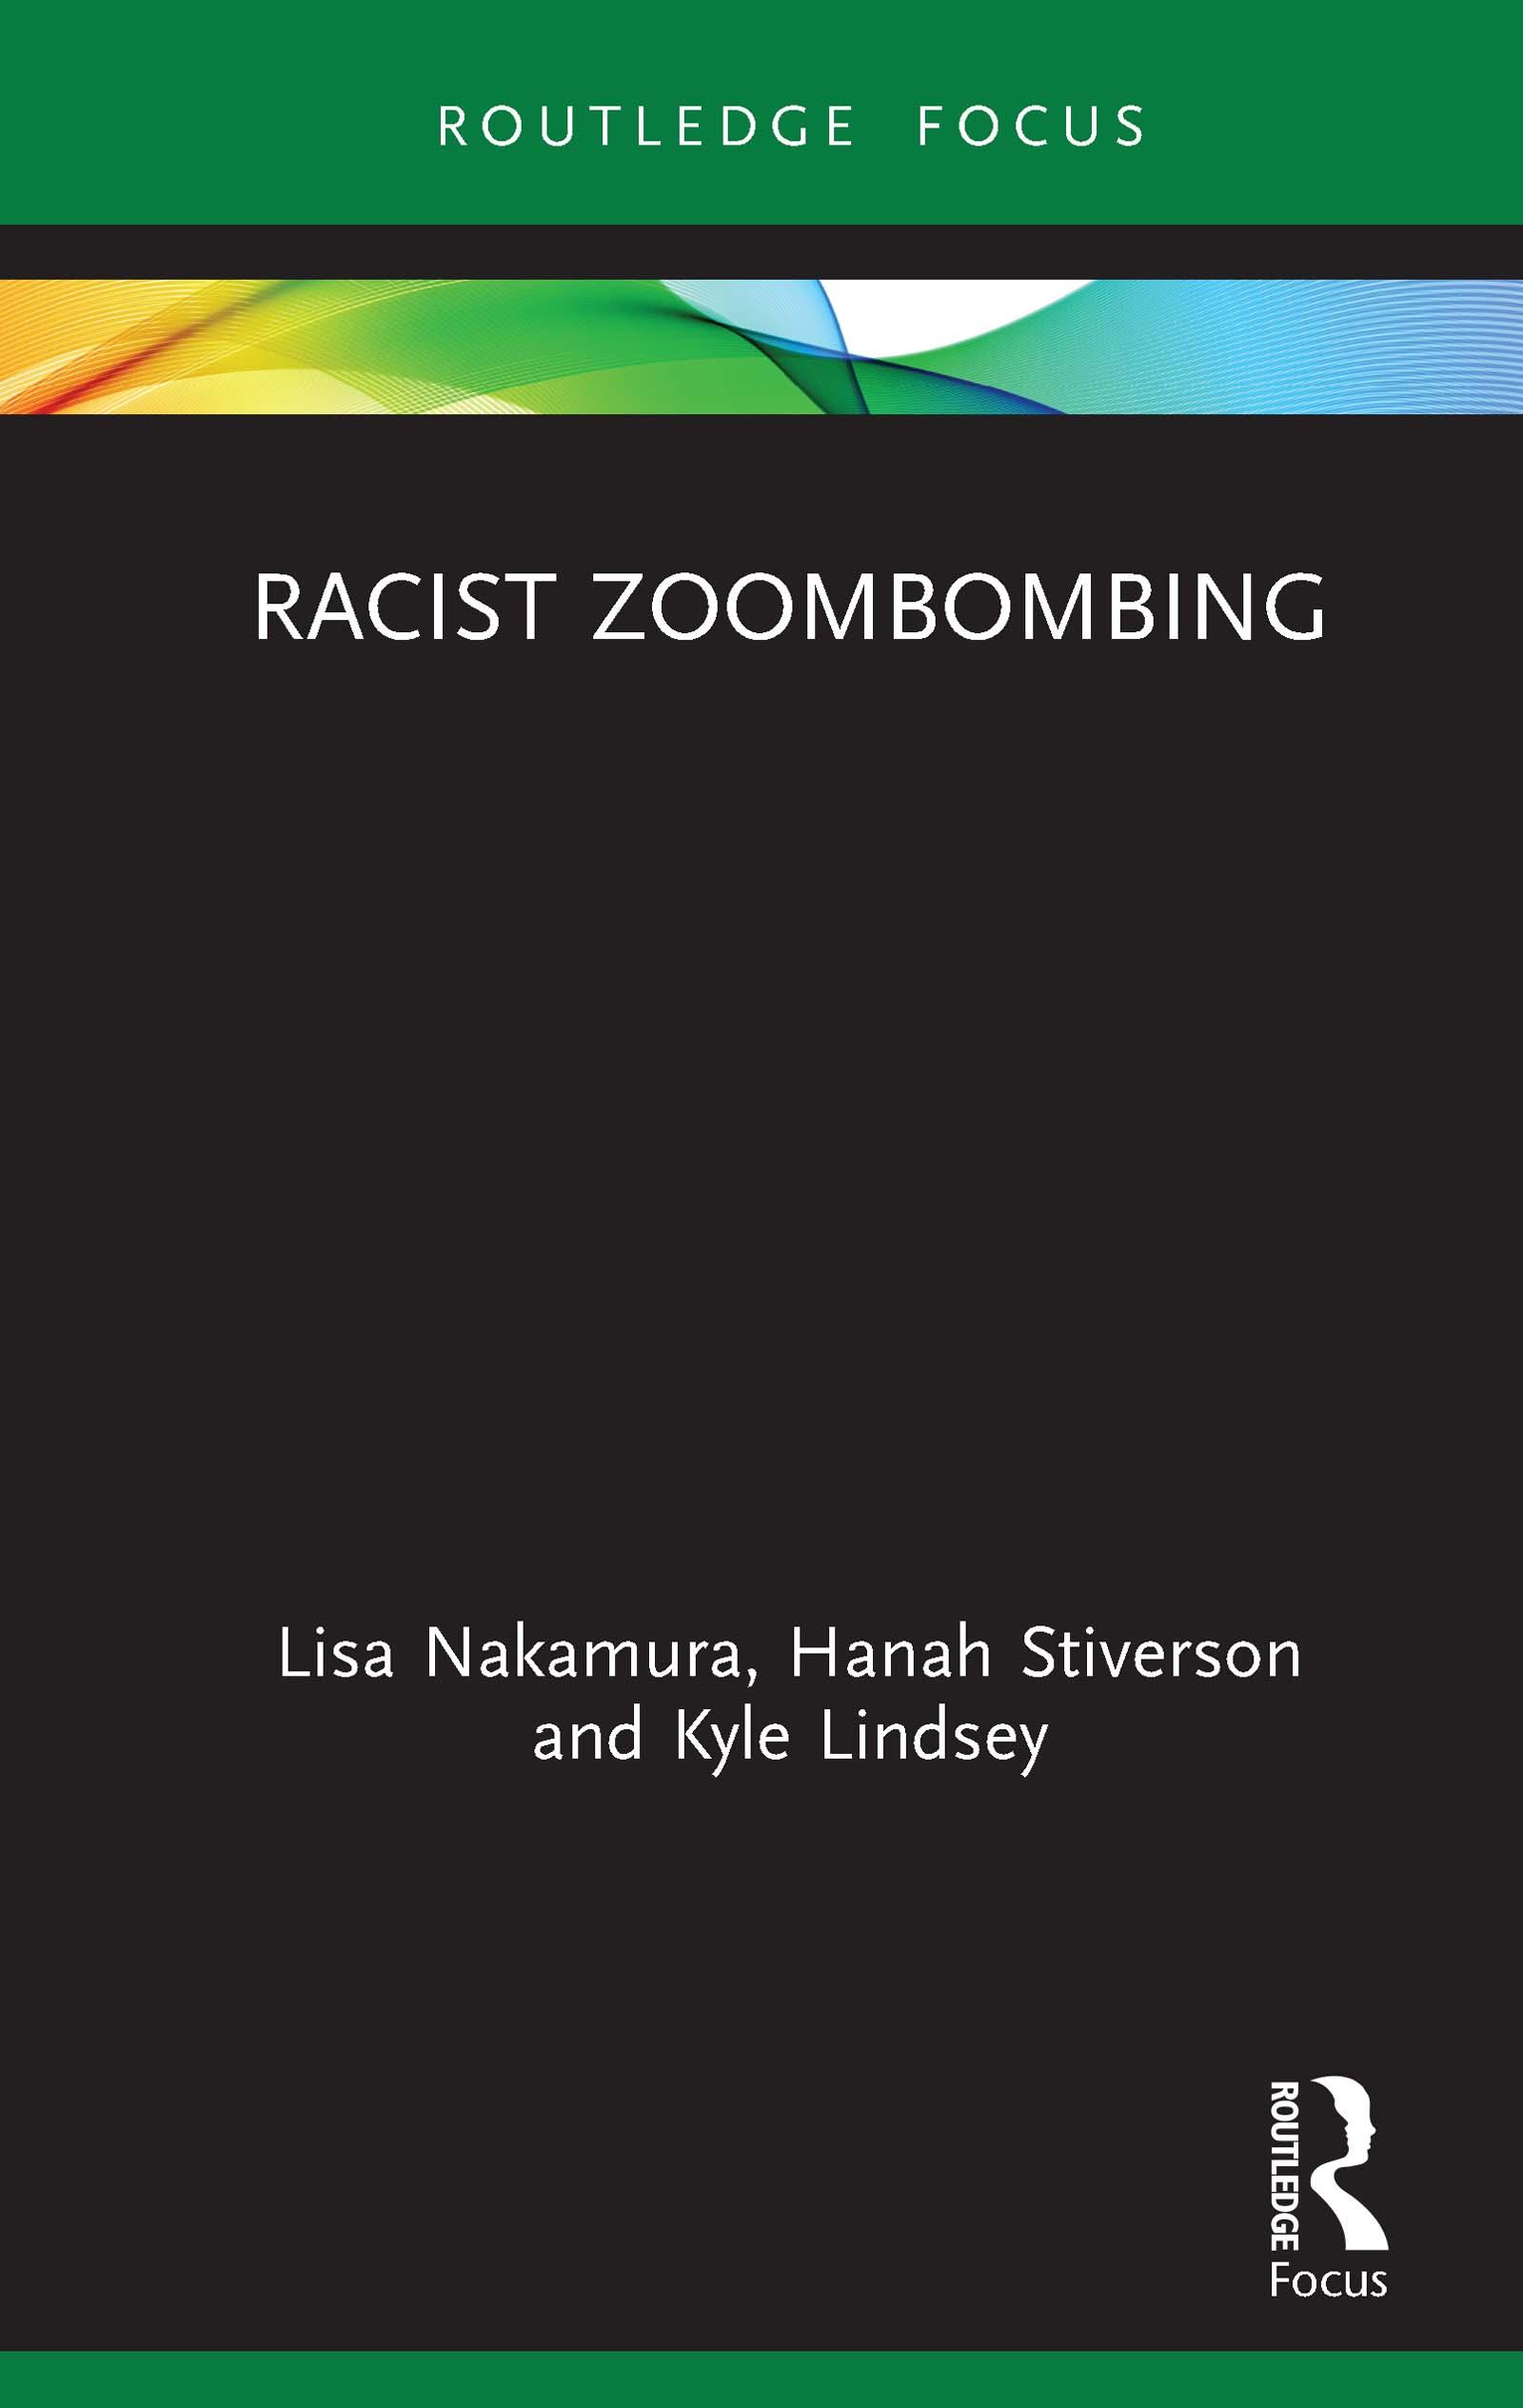 Racist Zoombombing